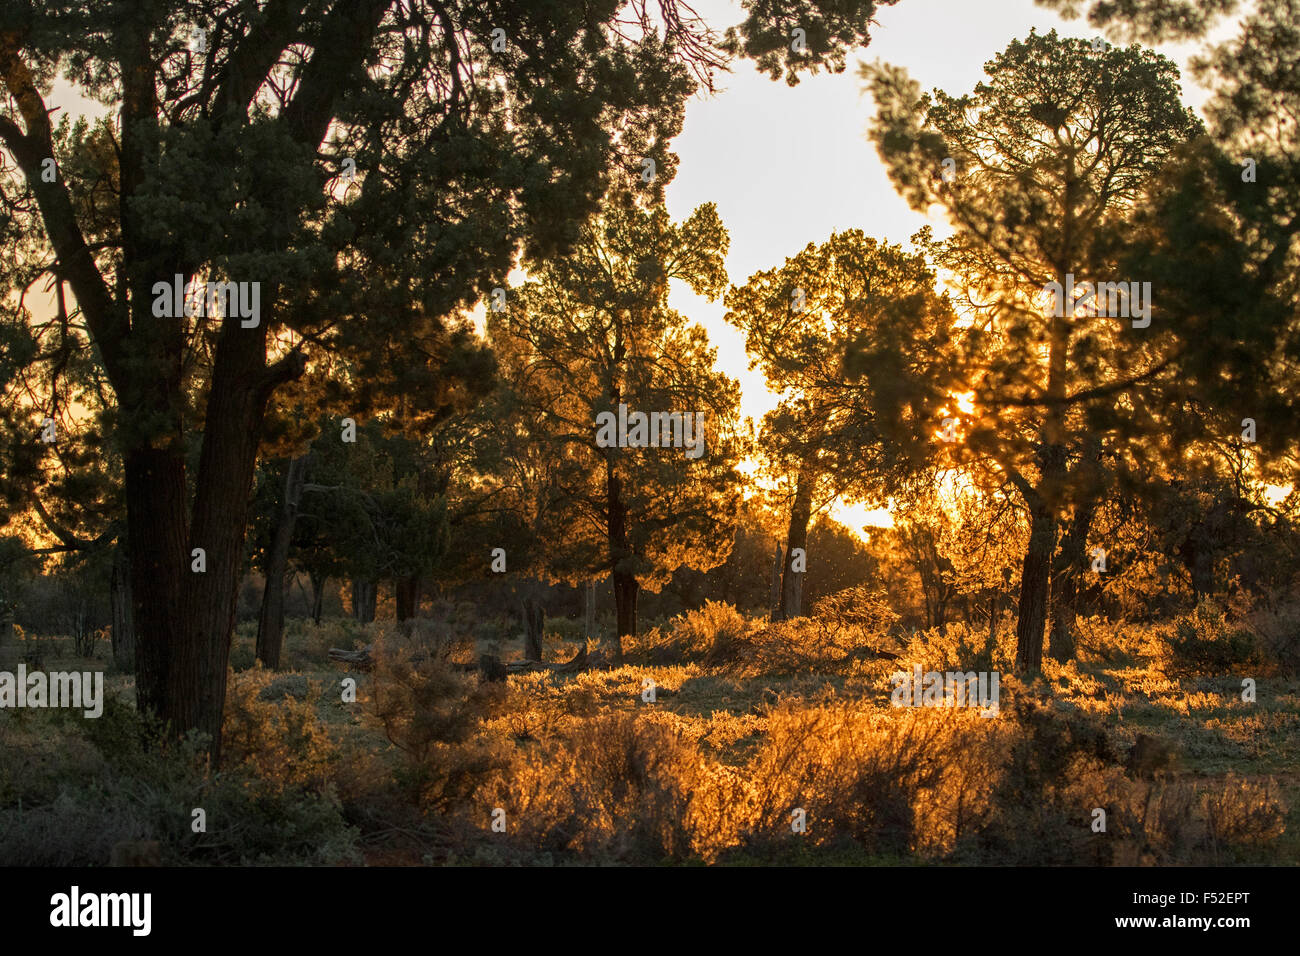 Lumière dorée de l'aube éclairant les arbres et les herbes dans la forêt indigène au Parc National Mungo outback Australie NSW Banque D'Images